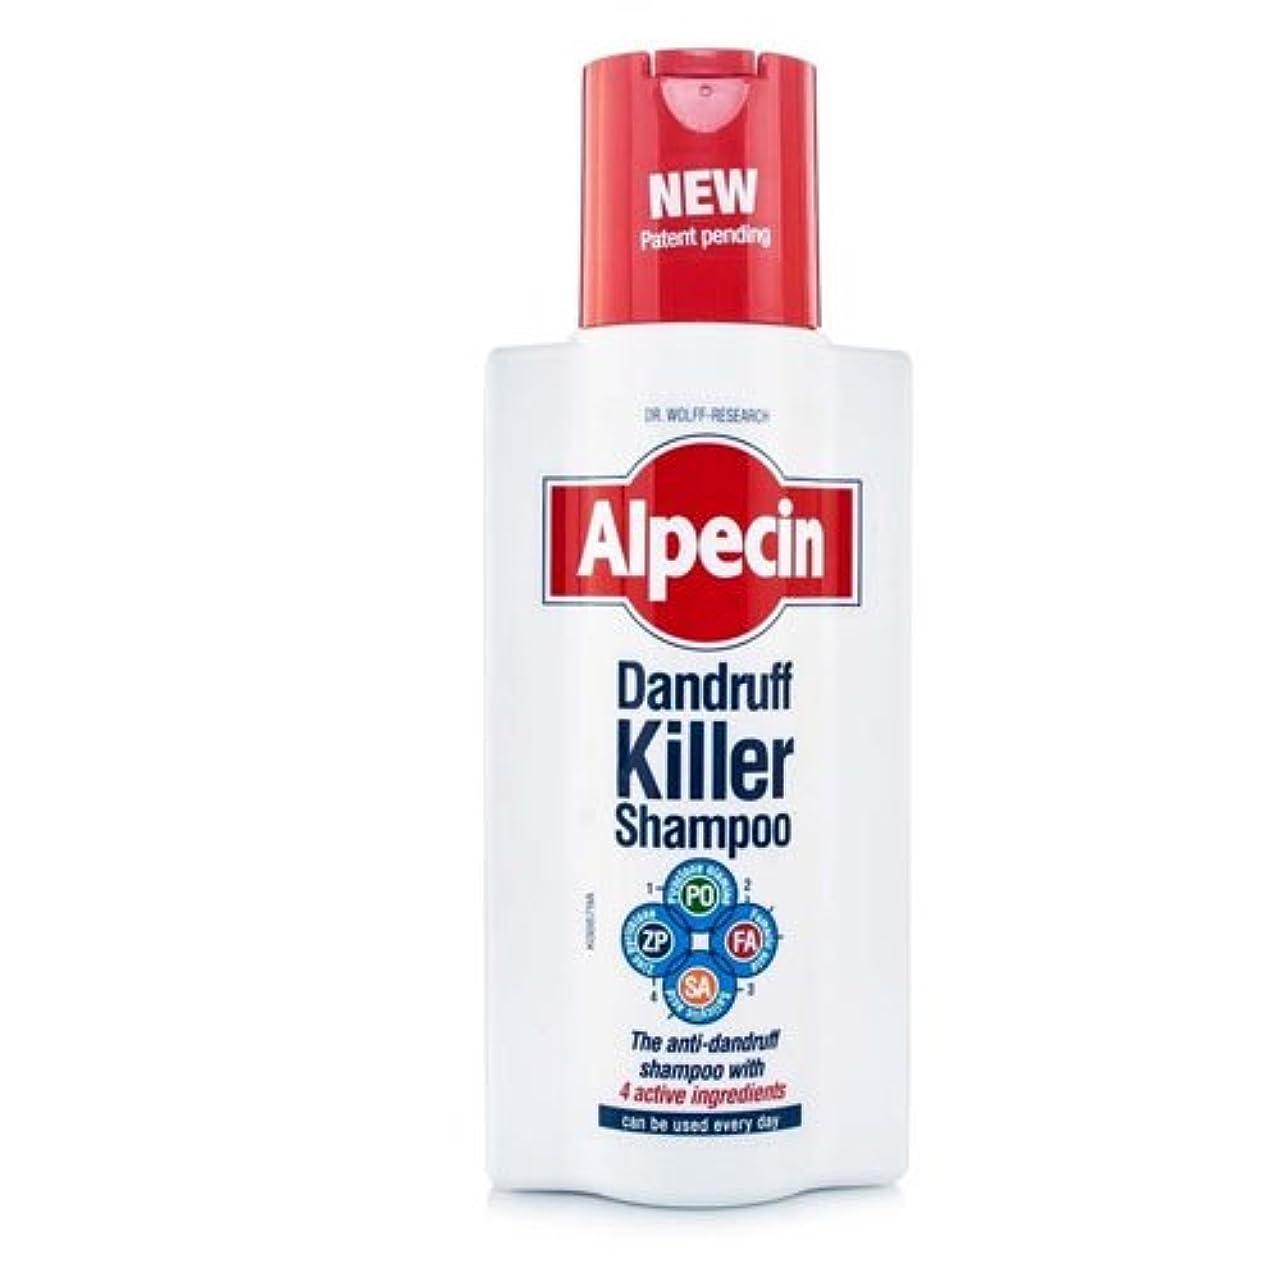 掃く国勢調査フローティングAlpecin Dandruff Killer Shampoo 250 ml by Alpecin [並行輸入品]